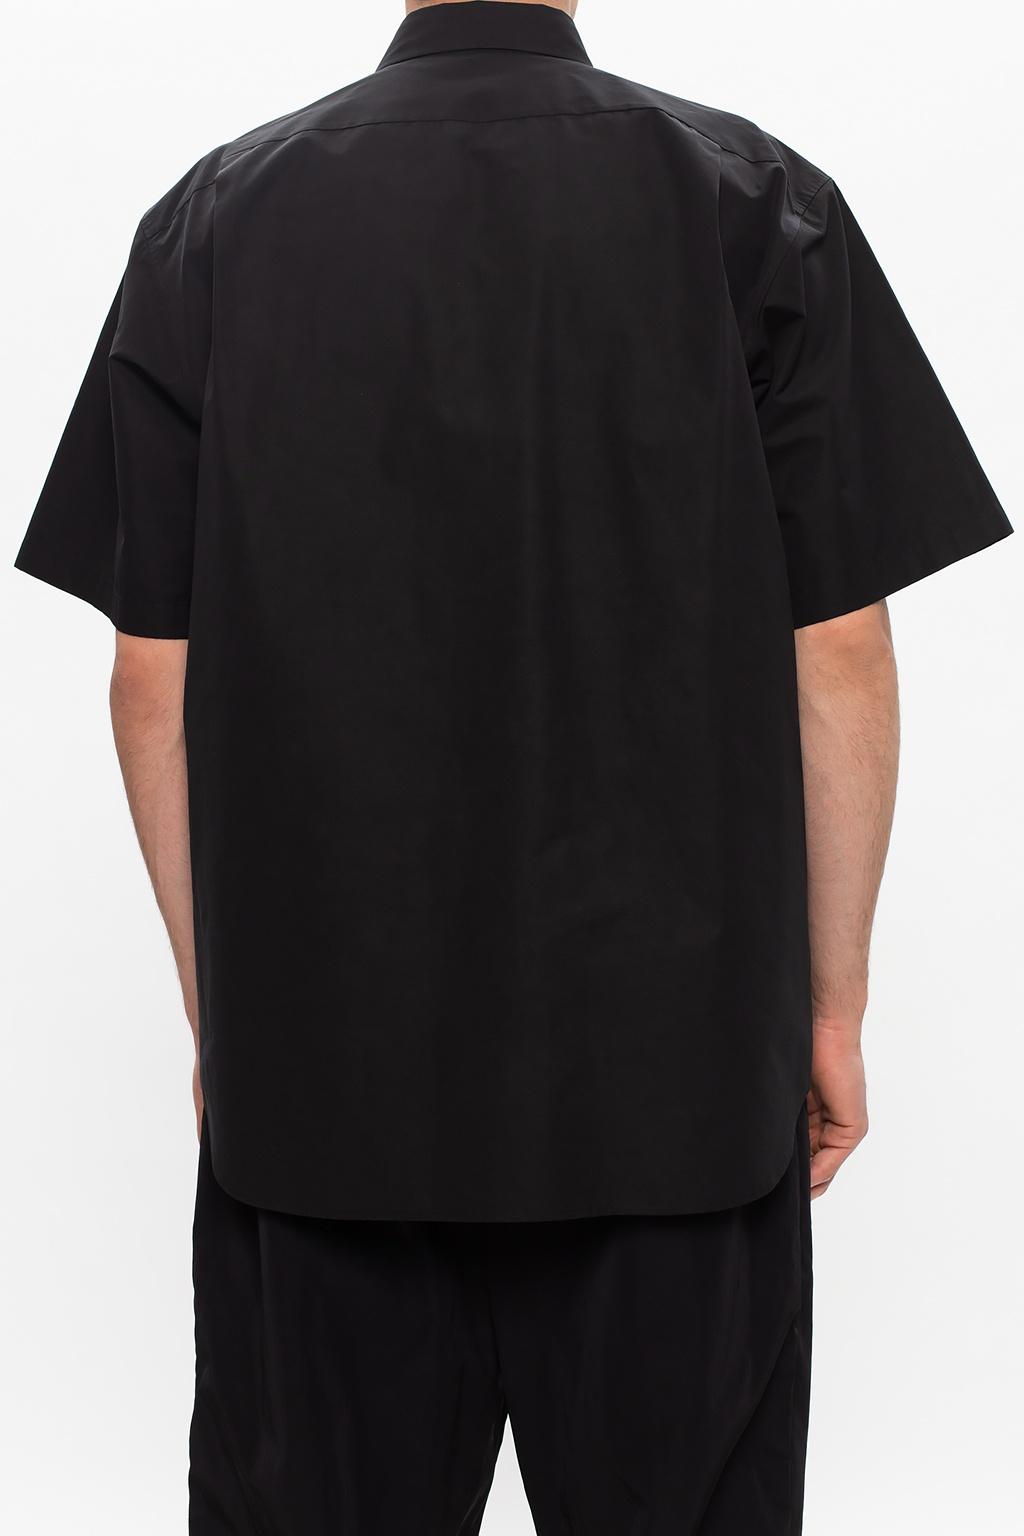 Balenciaga Shirt with logo